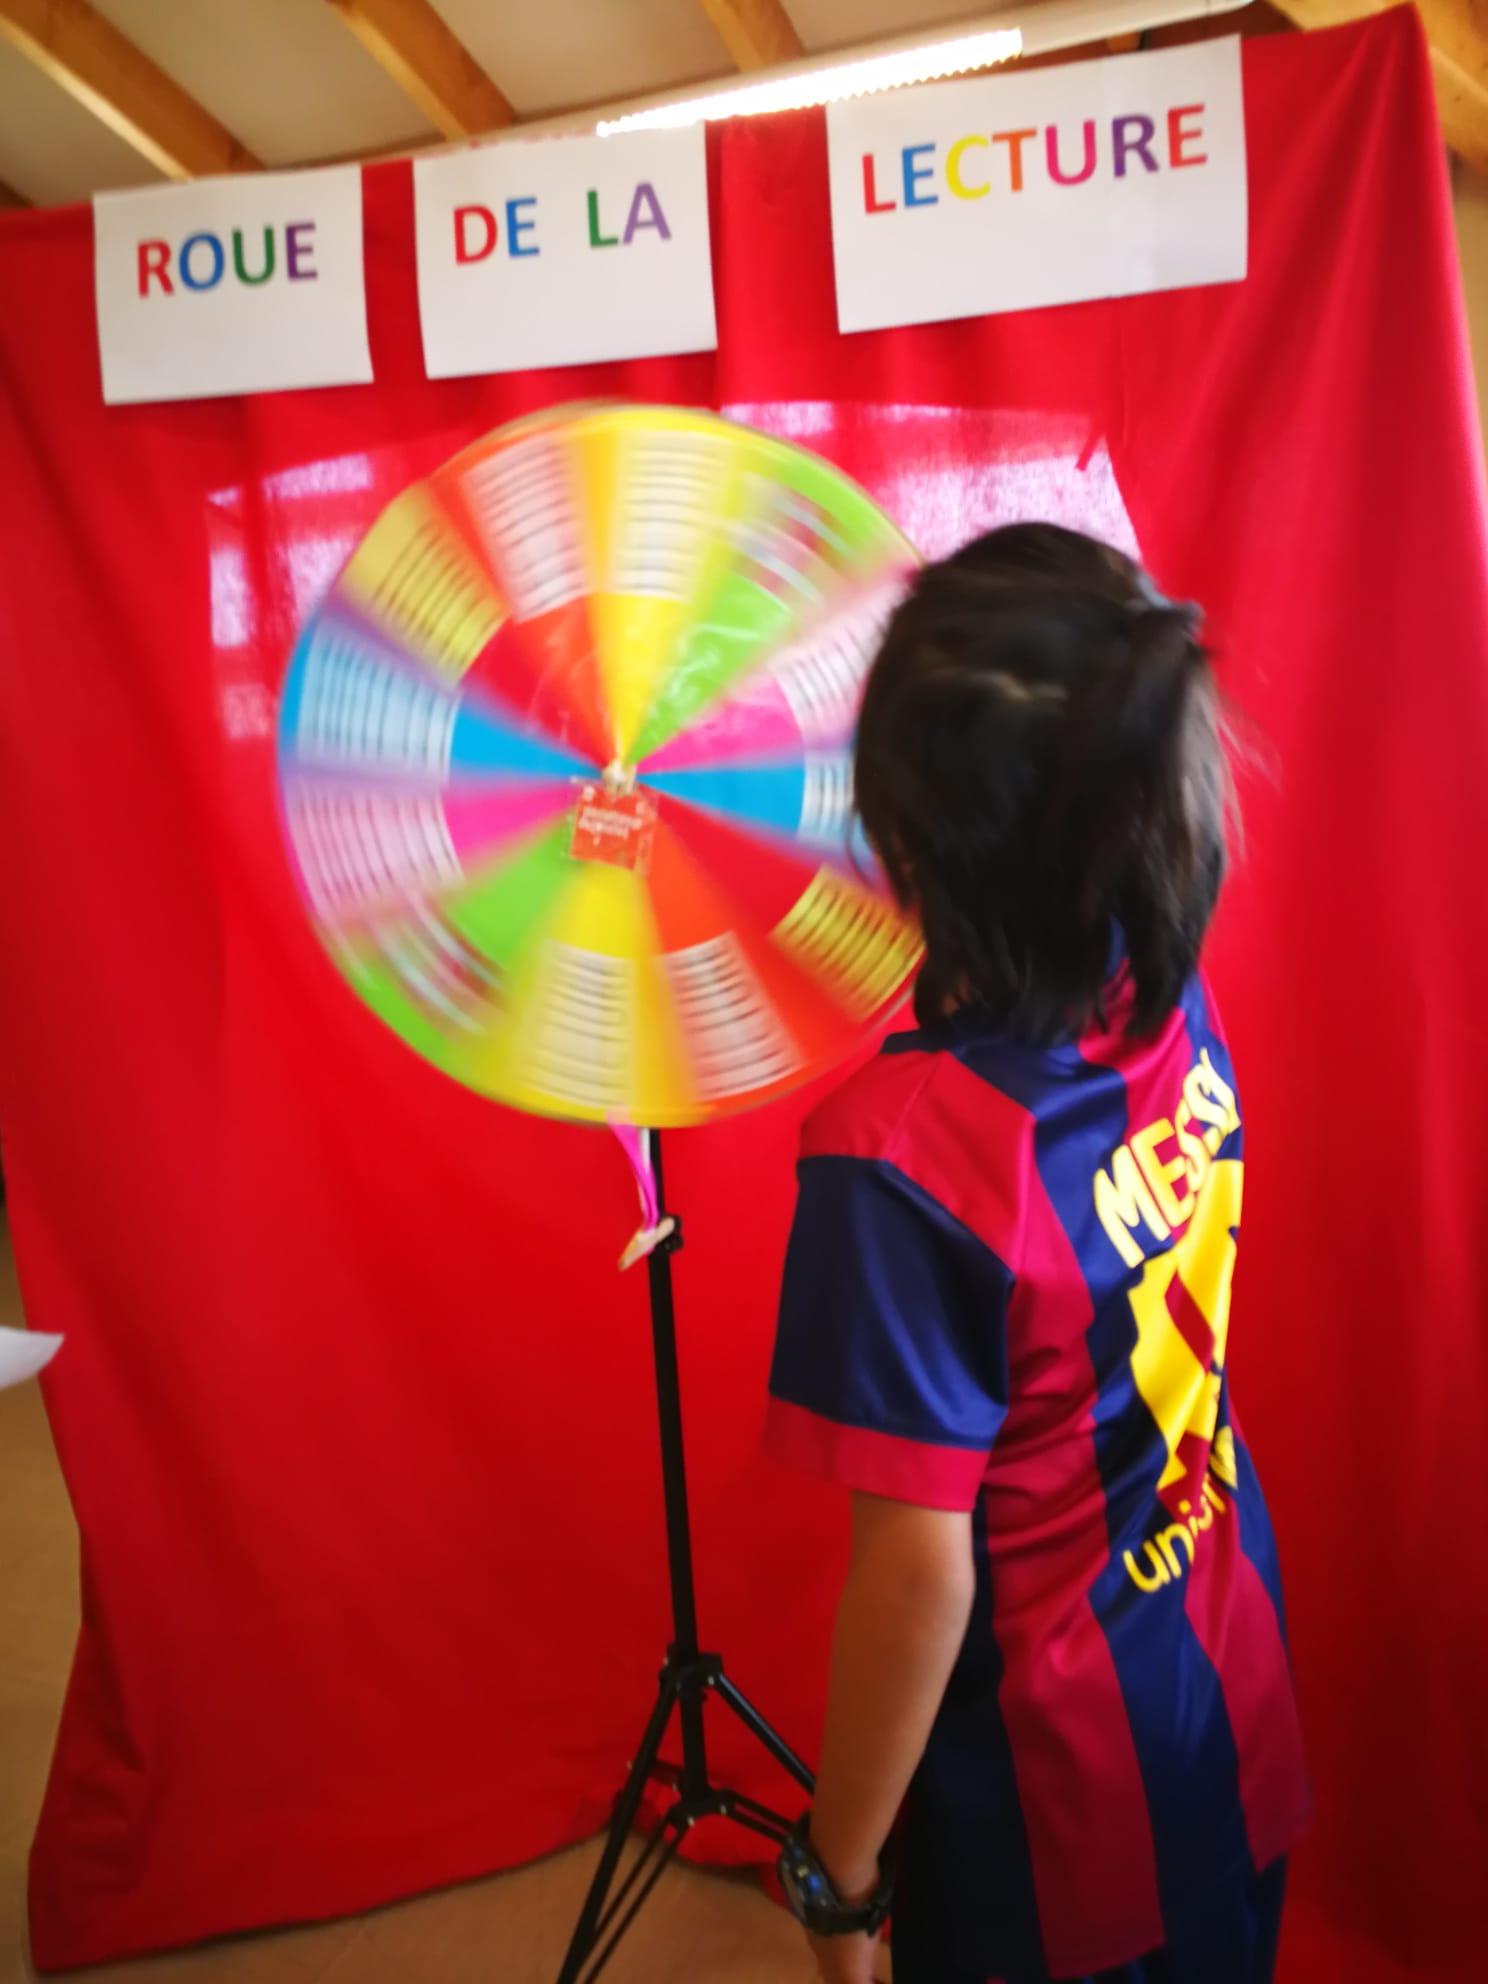 Photo d'un enfant tournant la roue de la lecture de la médiathèque